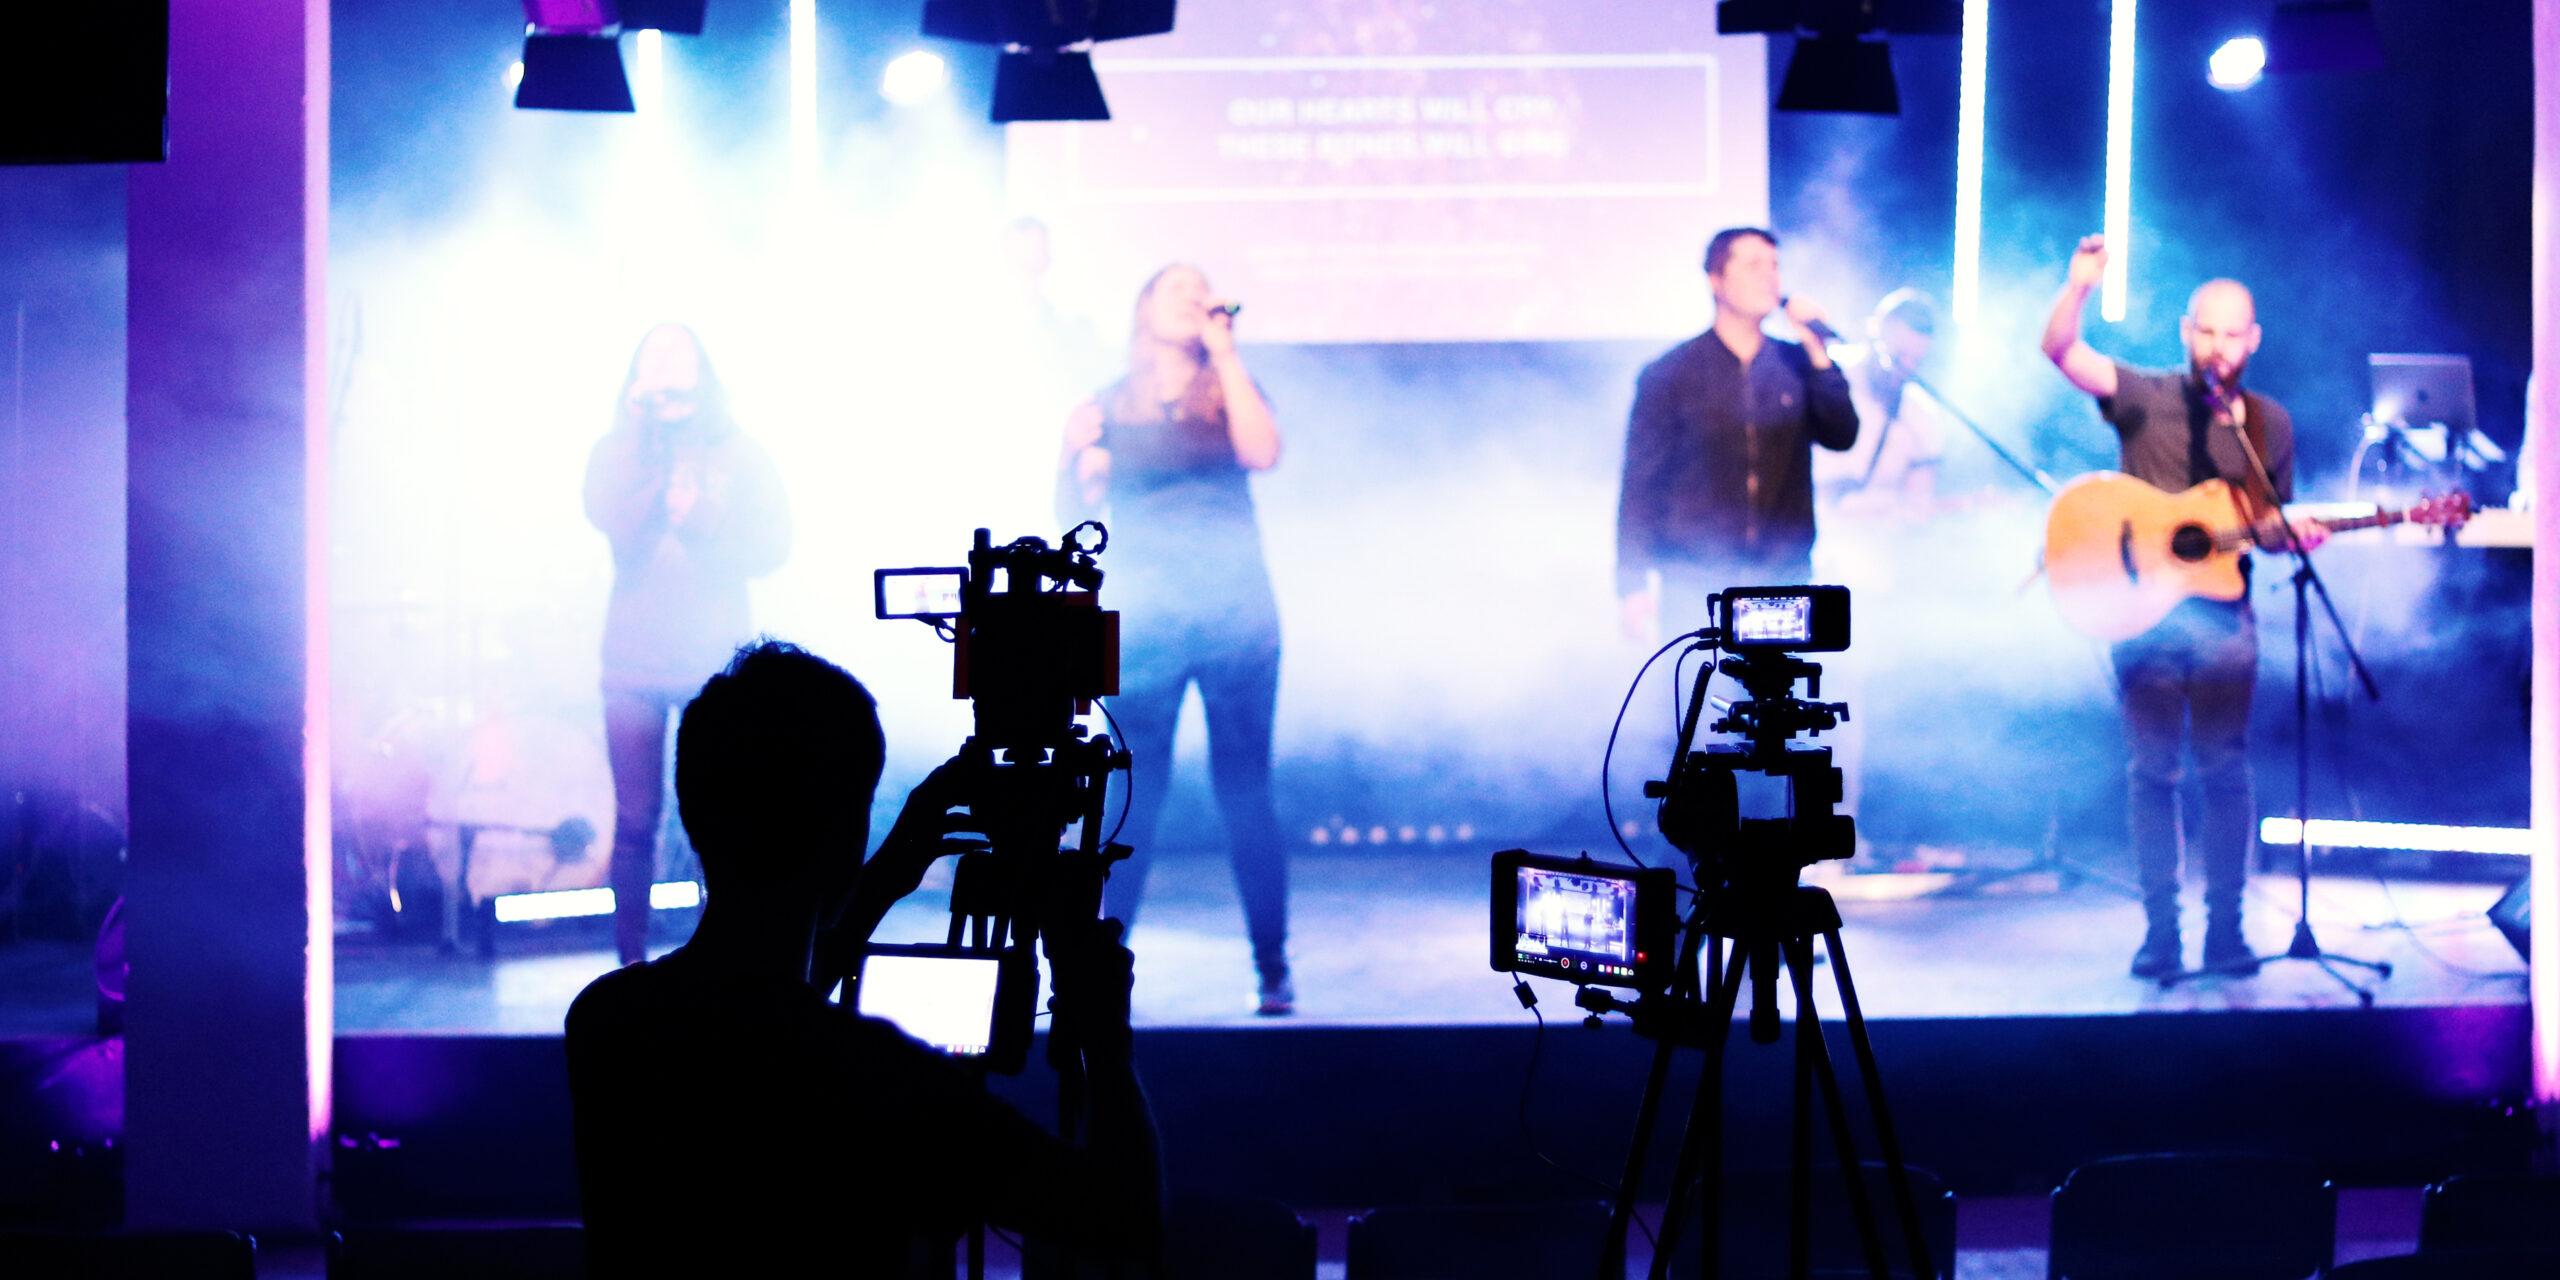 Eventvideo Filmdreh Filmteam Konzert Kurzfilm Teaser Chemnitz Dresden Leipzig Sachsen